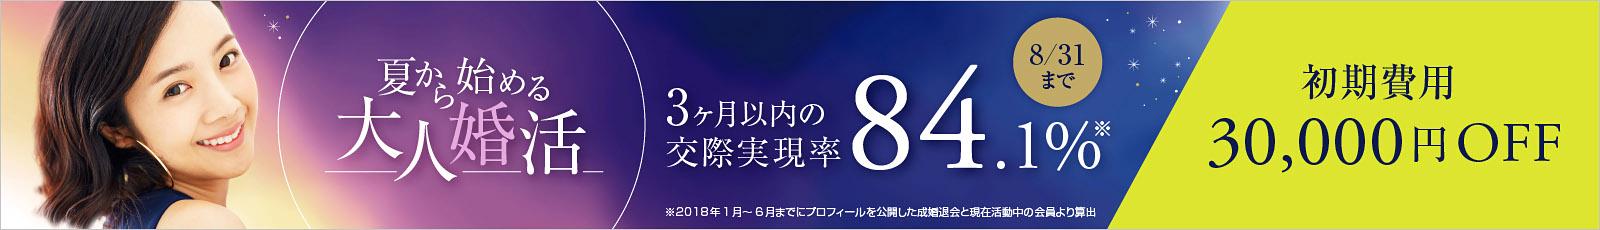 夏から始める大人婚活キャンペーン 初期費用30,000円OFF